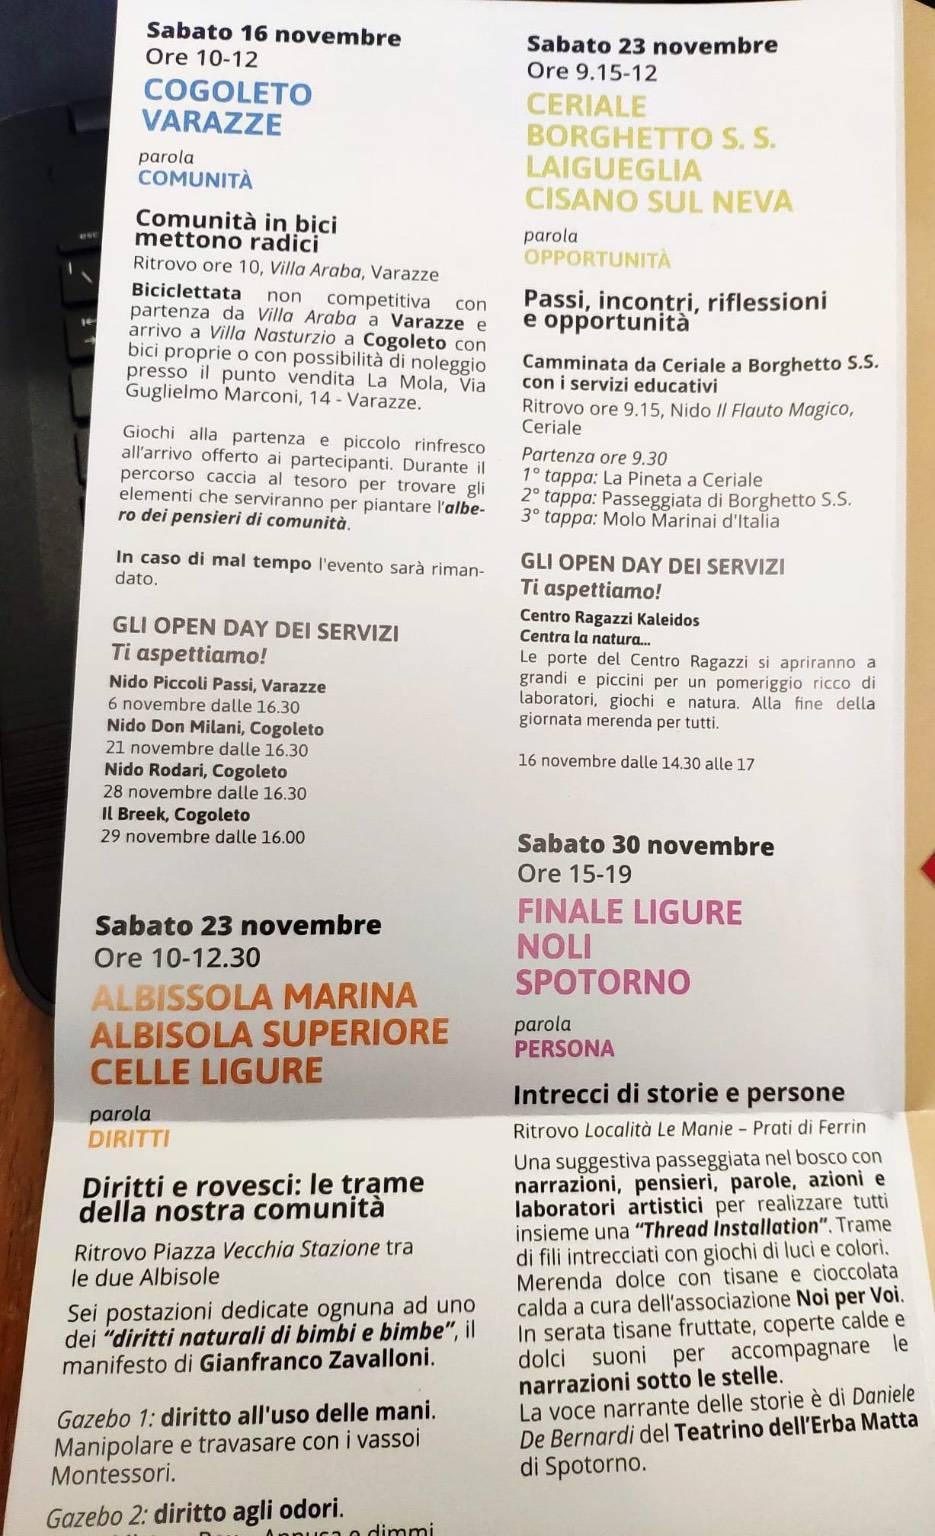 Progetto Città Savona 30 anni attività inverno 2019